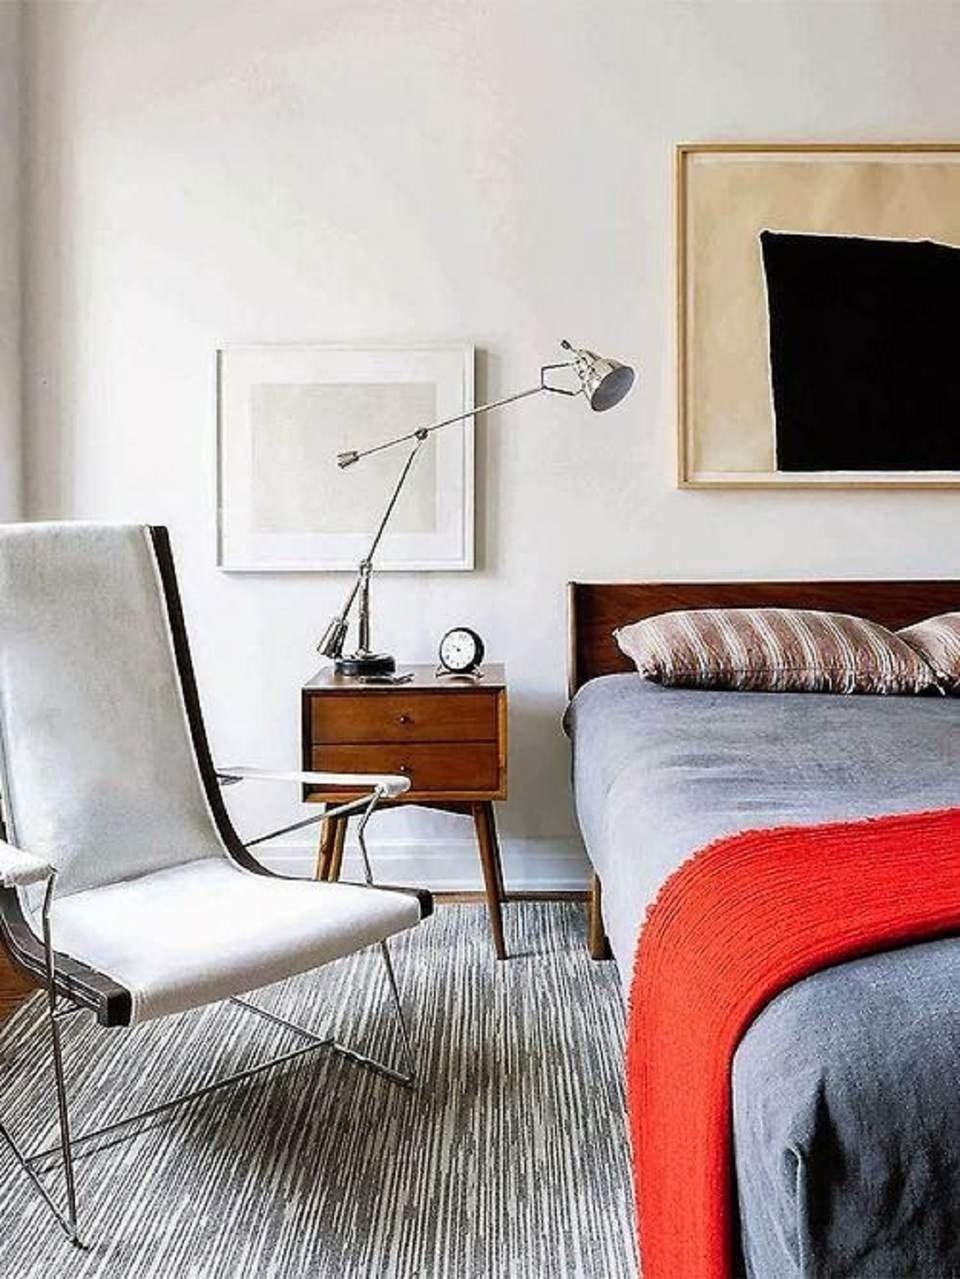 10 Unique Mid Century Modern Decorating Ideas midcentury modern bedroom decorating ideas 2020